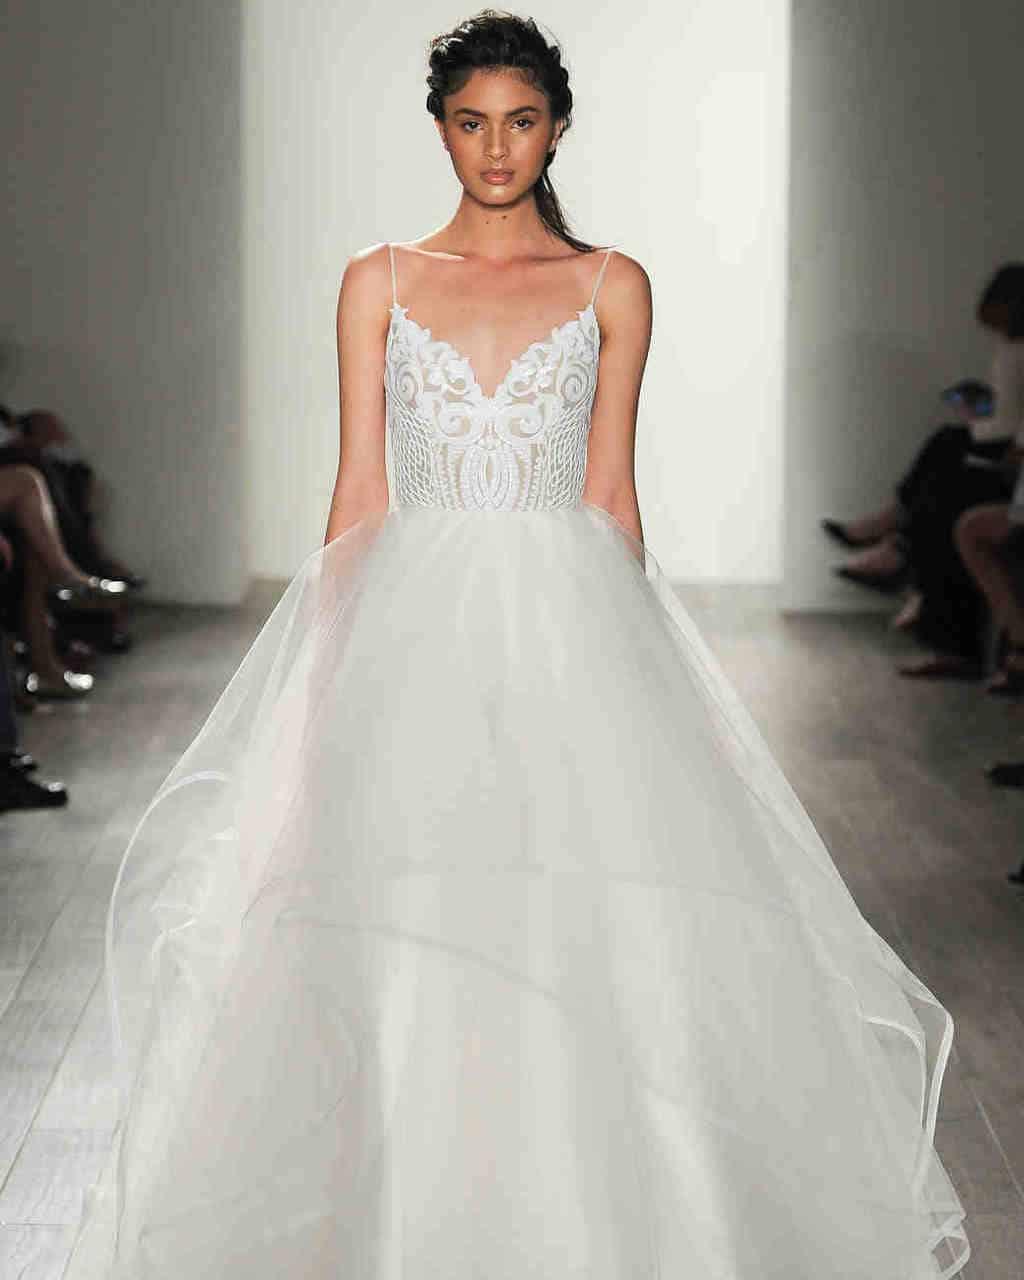 blush-wedding-dress-fall2017-6203351-004_vert